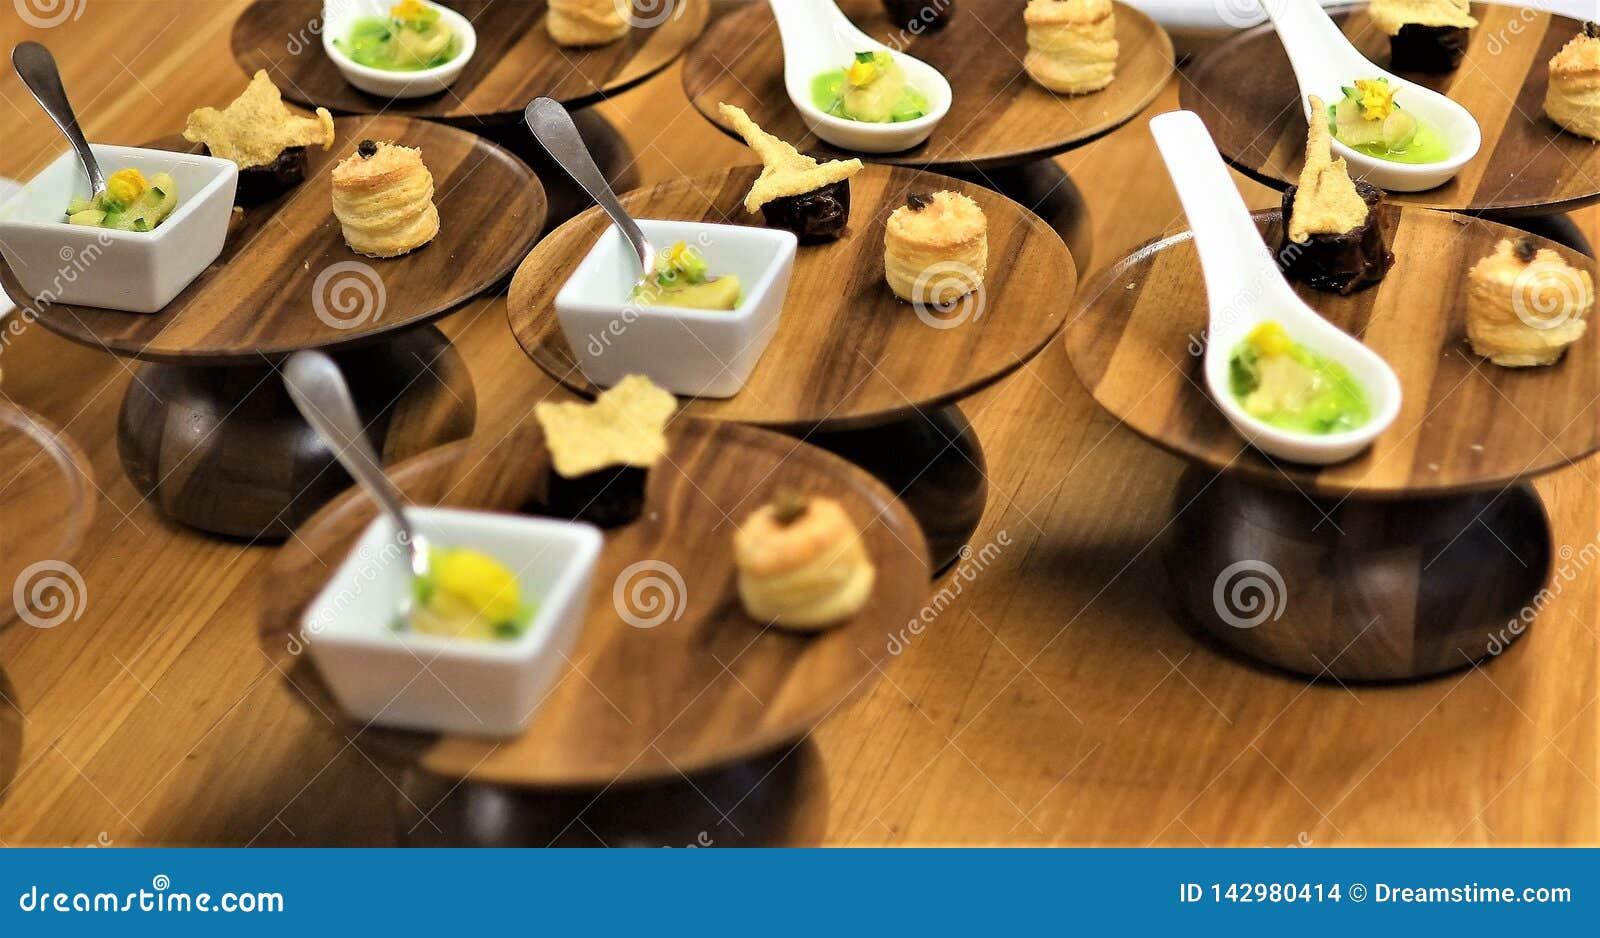 Feine speisende einzelne Teile des örtlich festgelegten Menüs